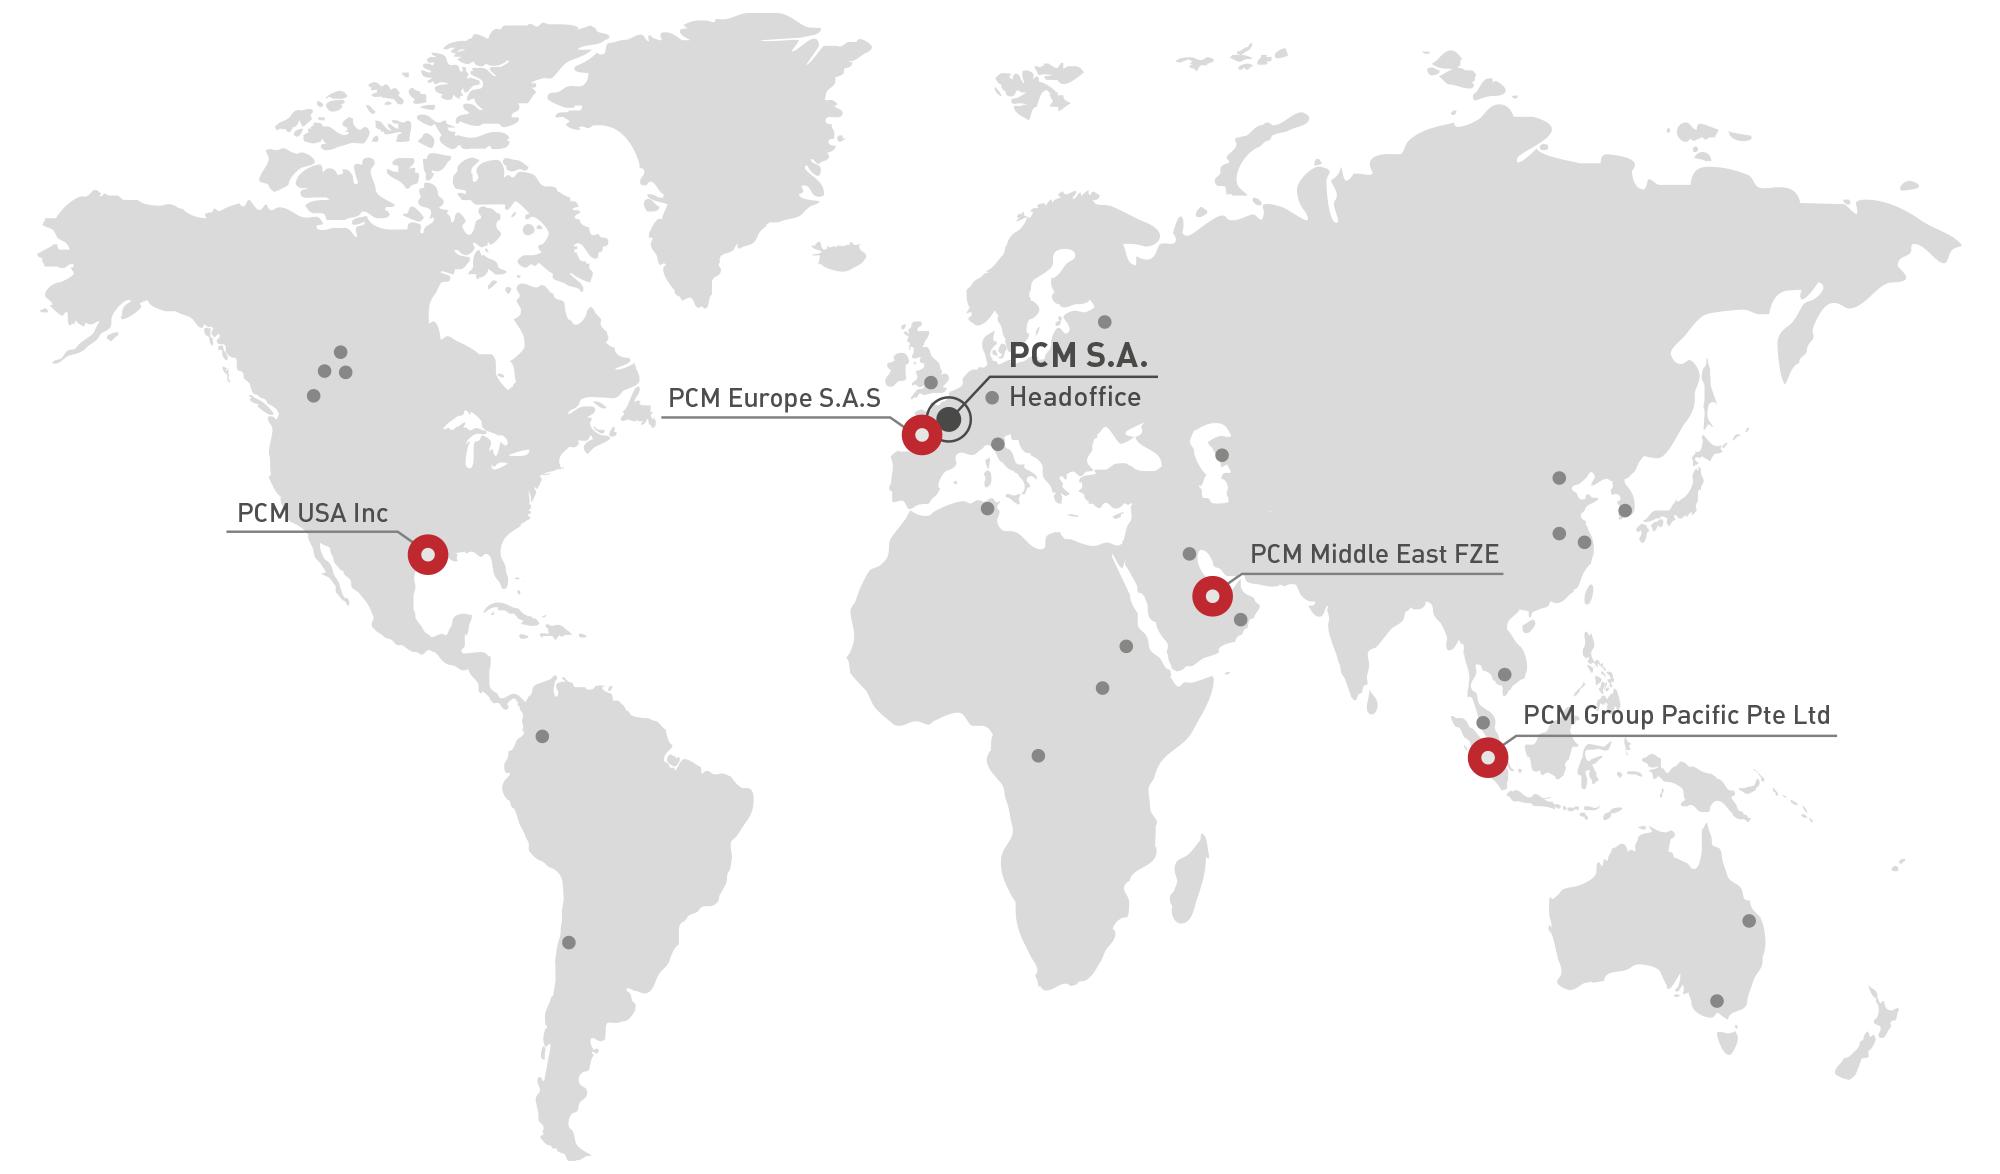 PCM Kontakte weltweit für die Öl- und Gasindustrie